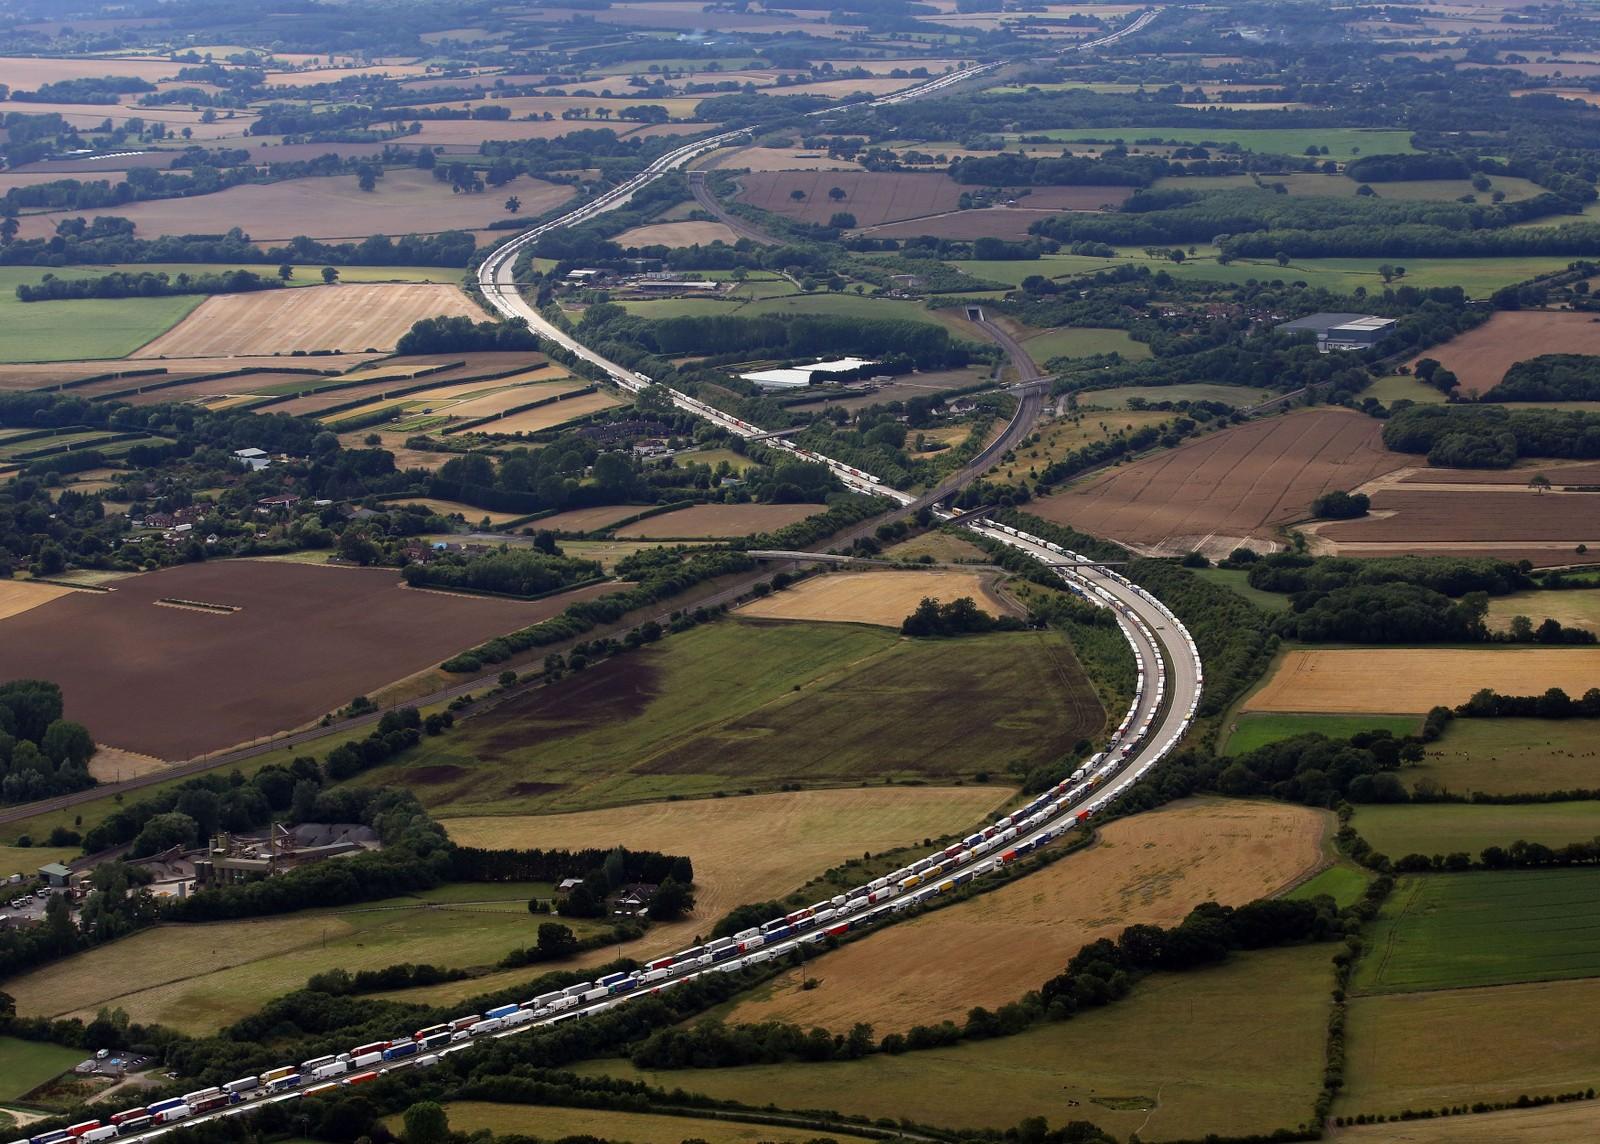 Et luftfoto viser trailere som venter på å bli sjekket før de kjører inn til Eurotunnel-området i England. Bilene skal bli sjekket for uregistrerte migranter.